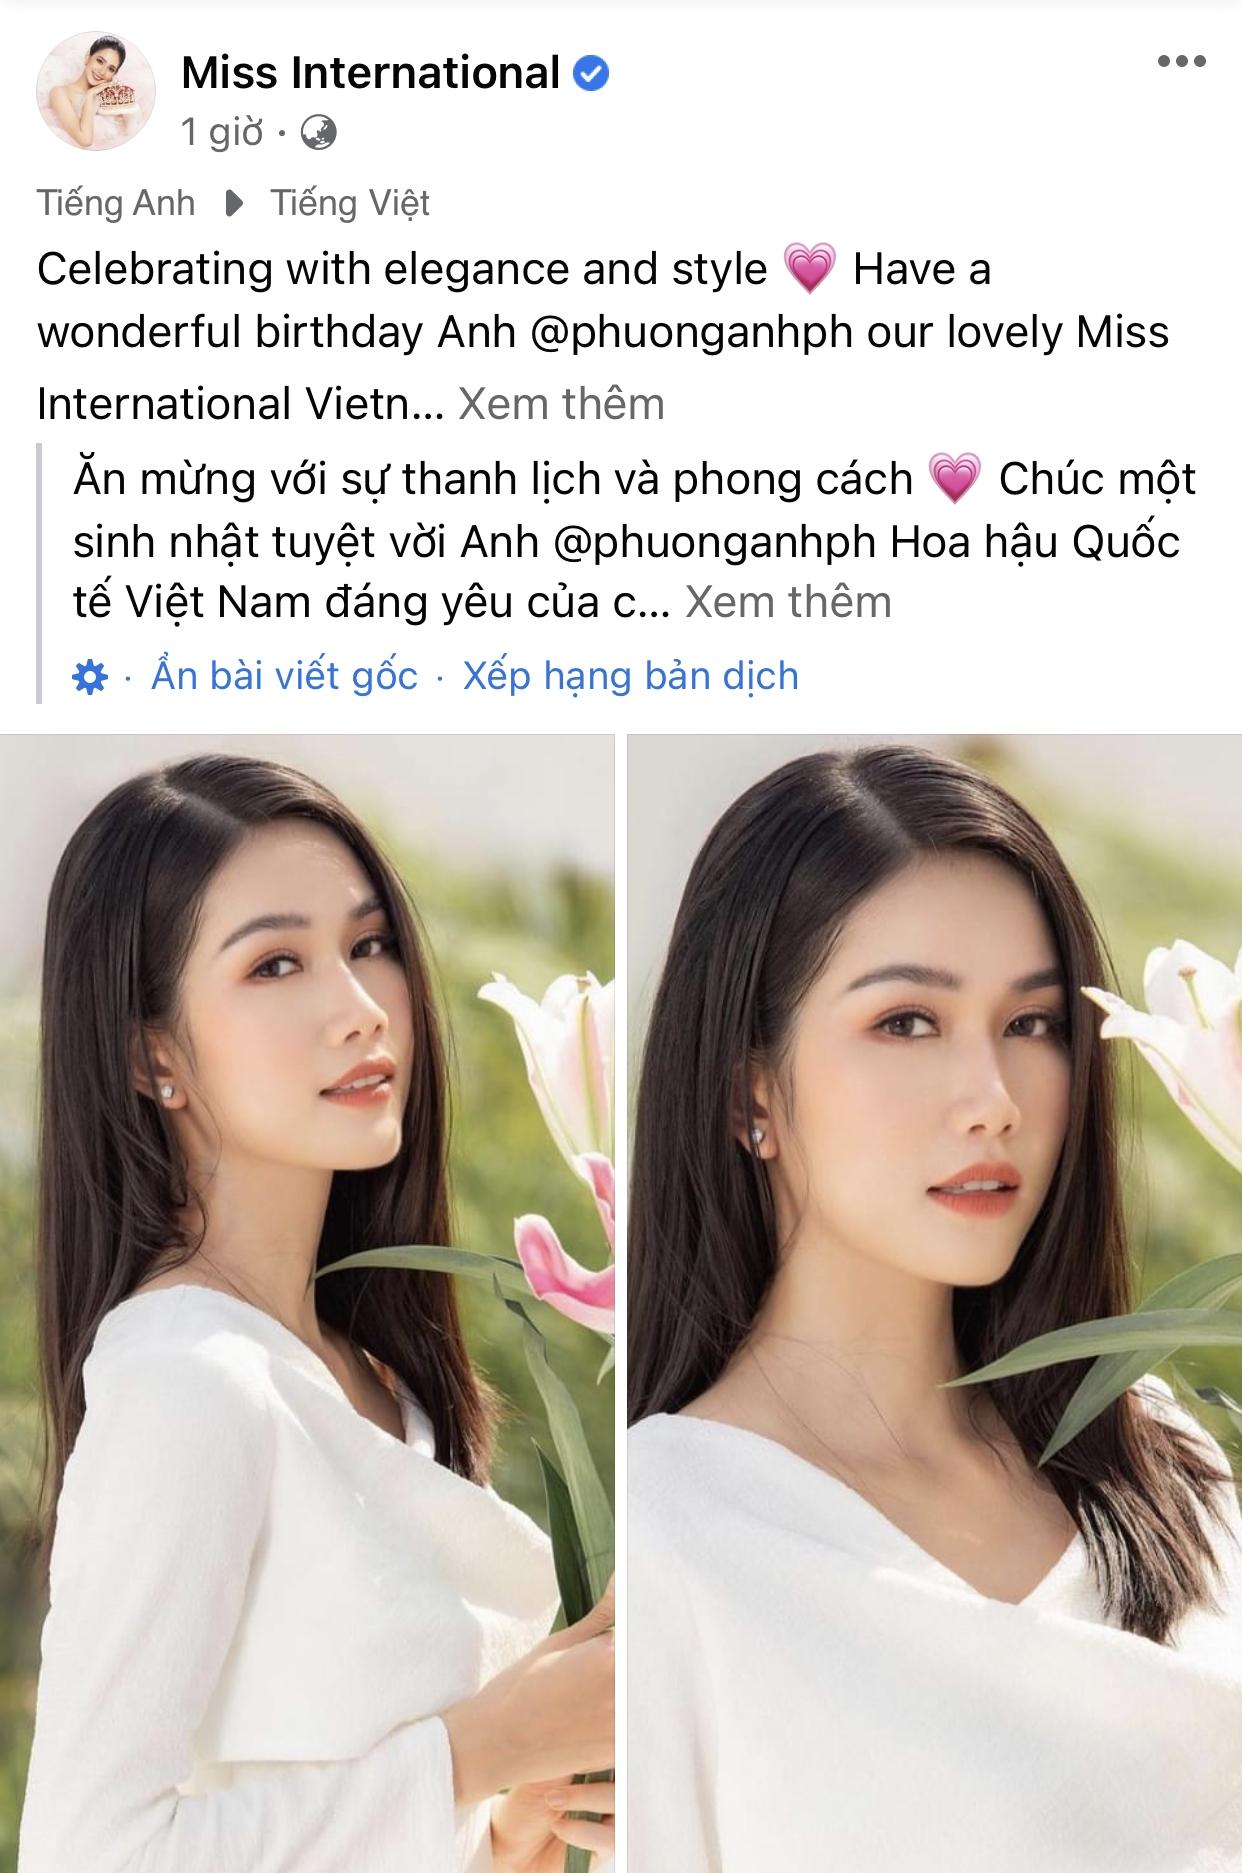 Á hậu IELTS 8.0 Phương Anh được Miss International chúc mừng sinh nhật